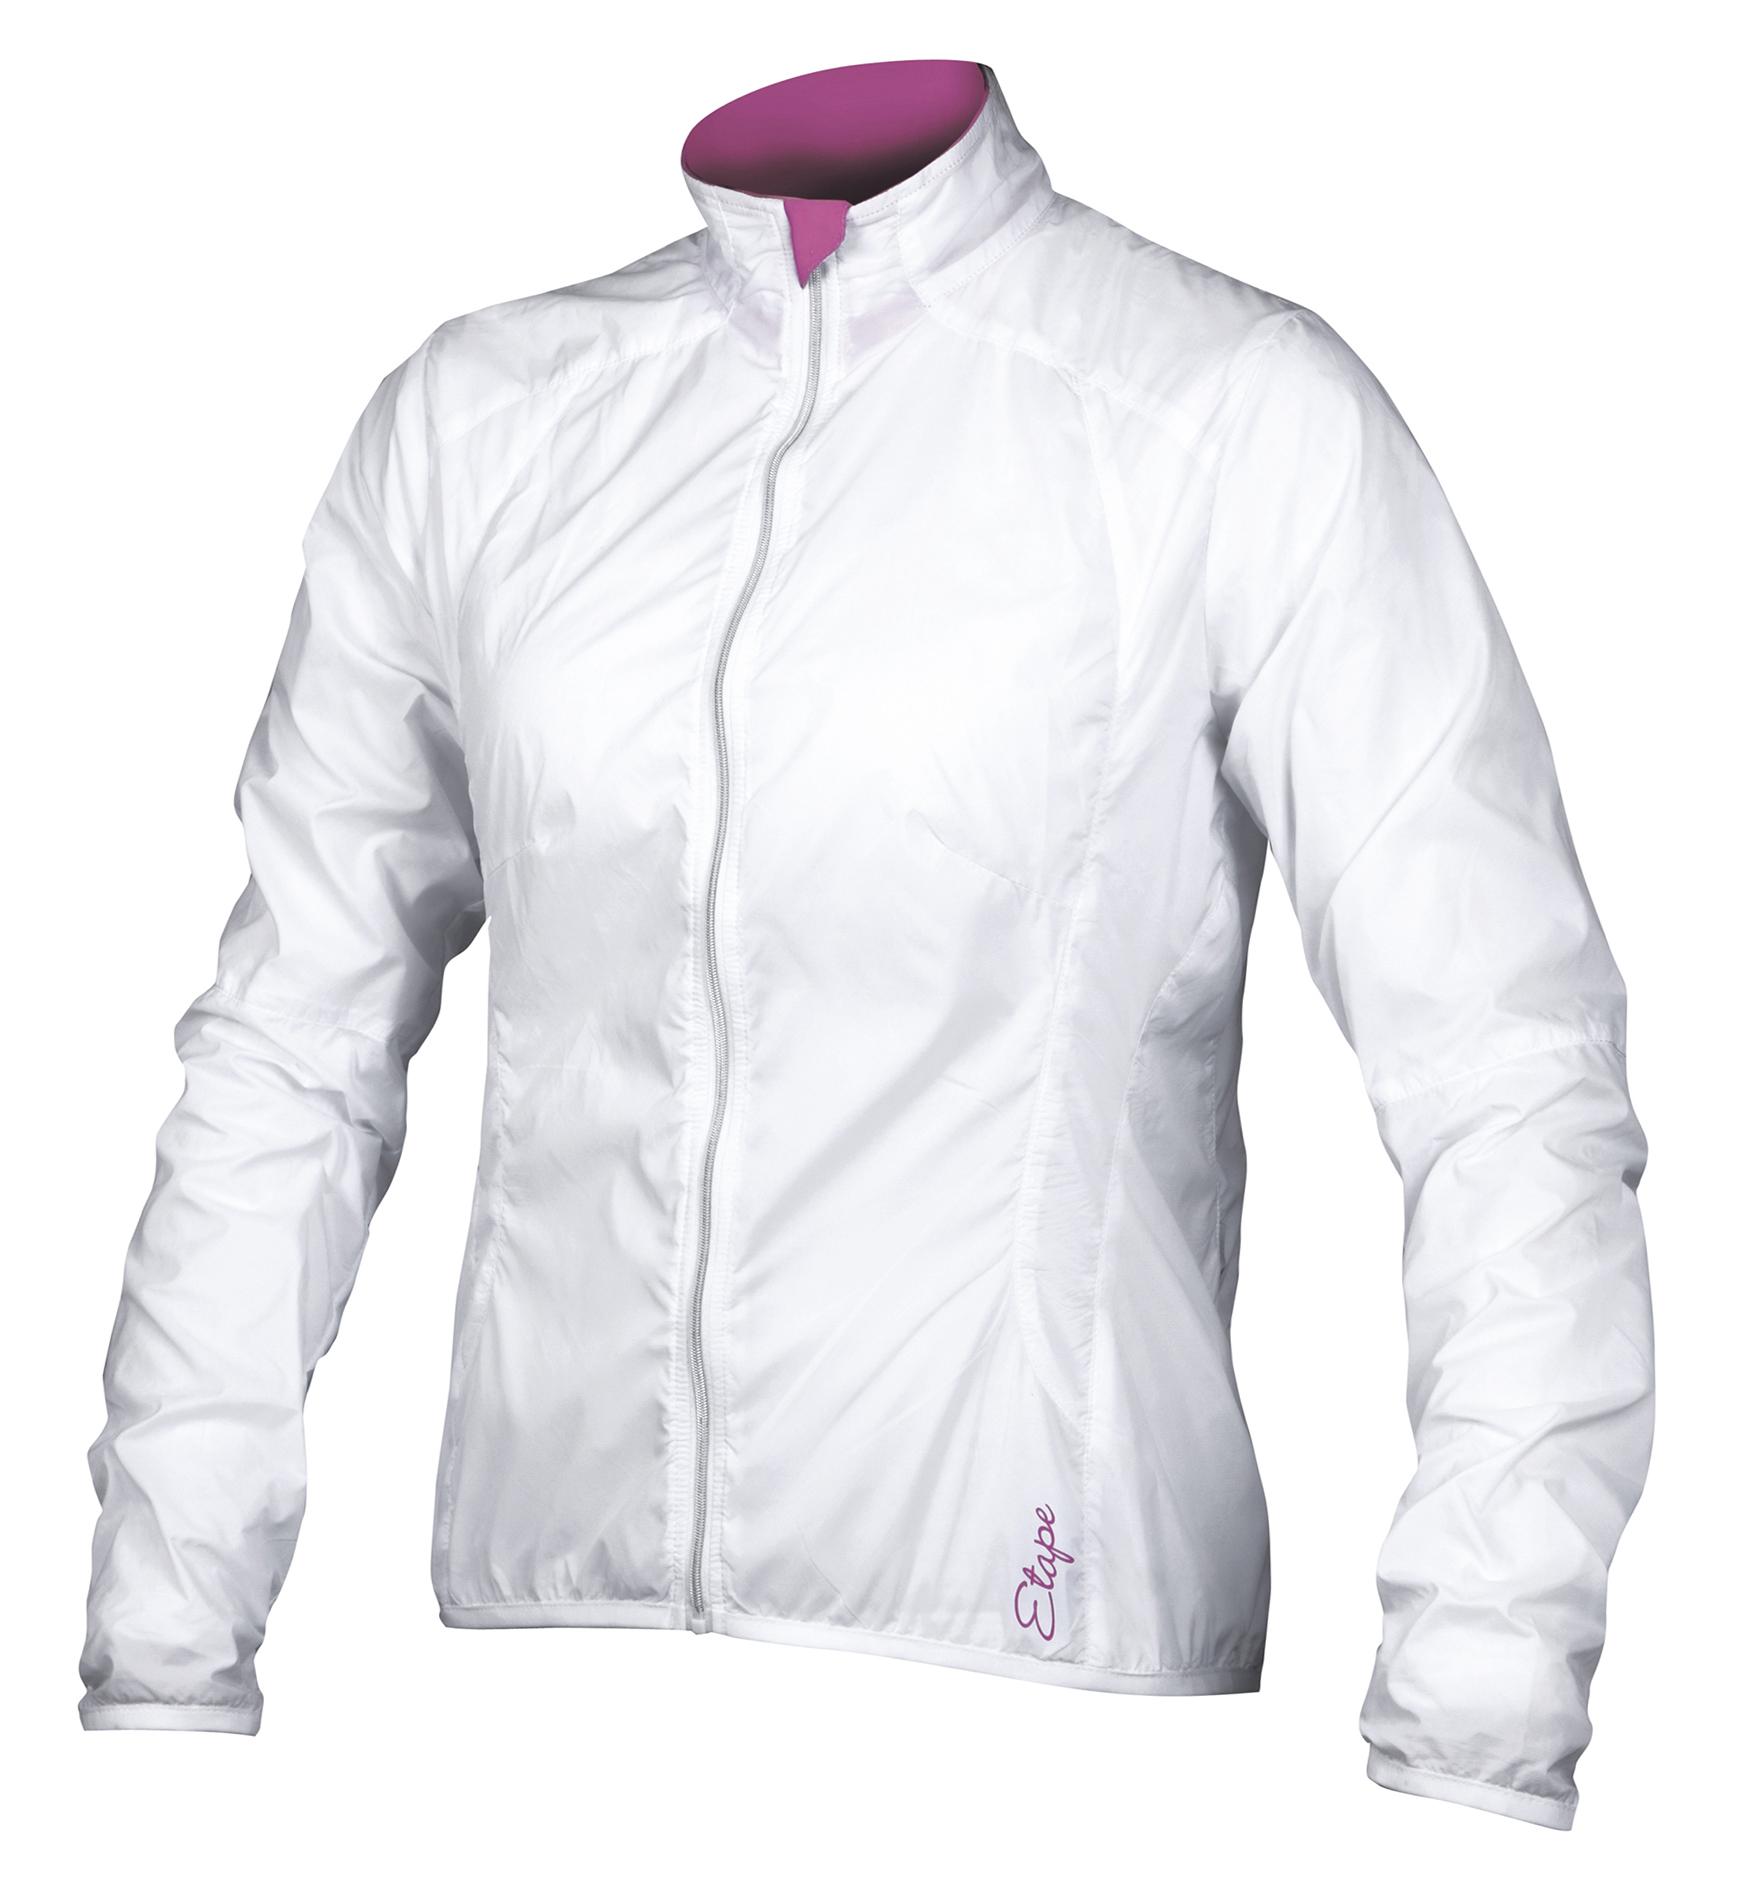 Dámská větrovka ETAPE Gloria, vel. XL bílá/růžová, model 2017 (Dámská větrová bunda Etape, zadní kapsa na zip)